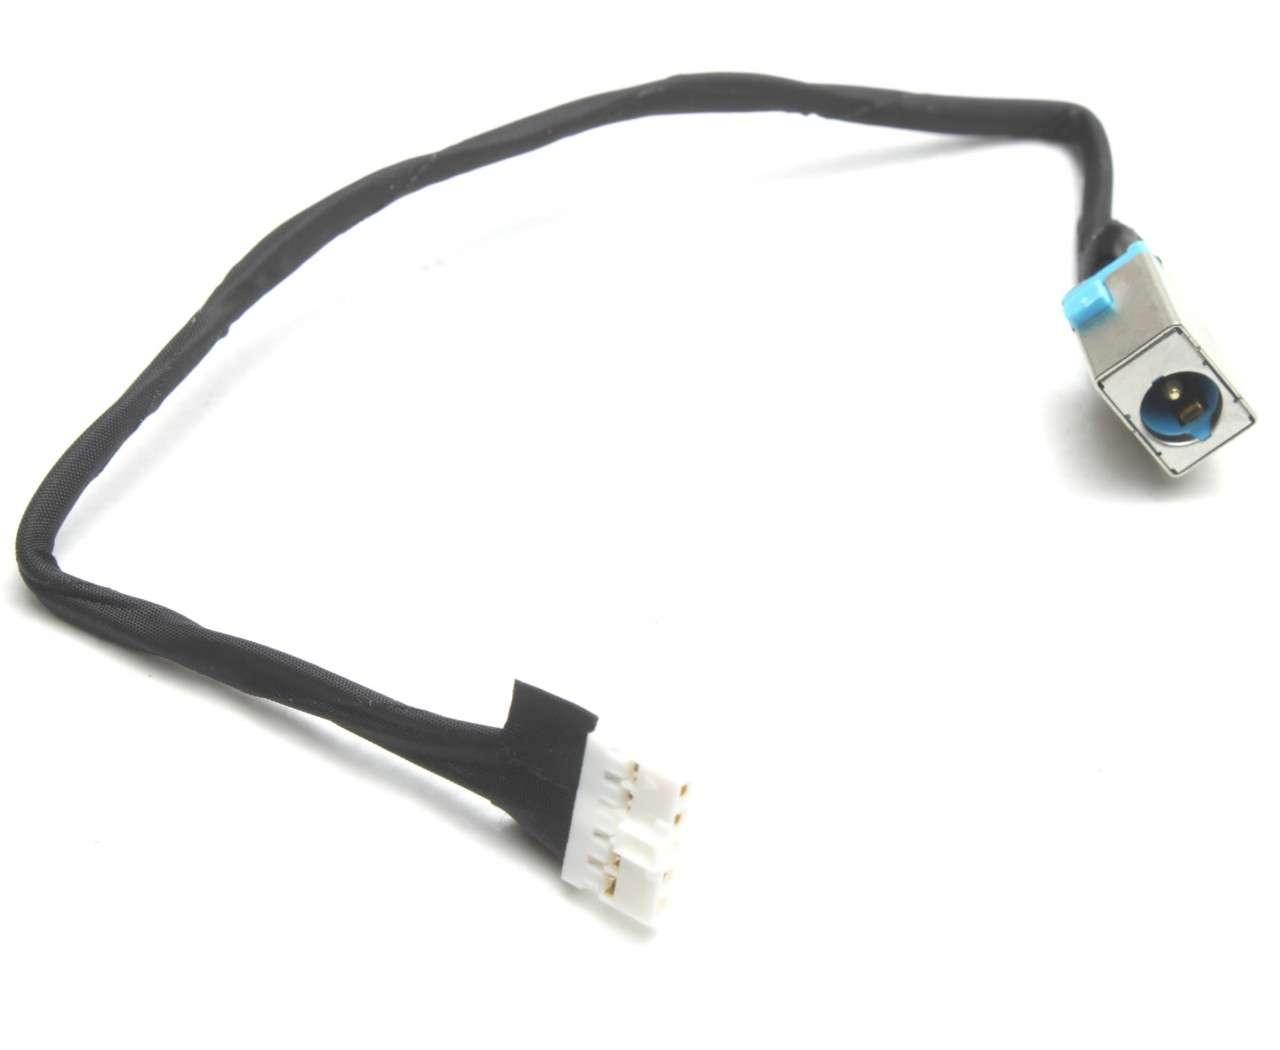 Mufa alimentare laptop Acer Aspire T5000 cu fir imagine powerlaptop.ro 2021